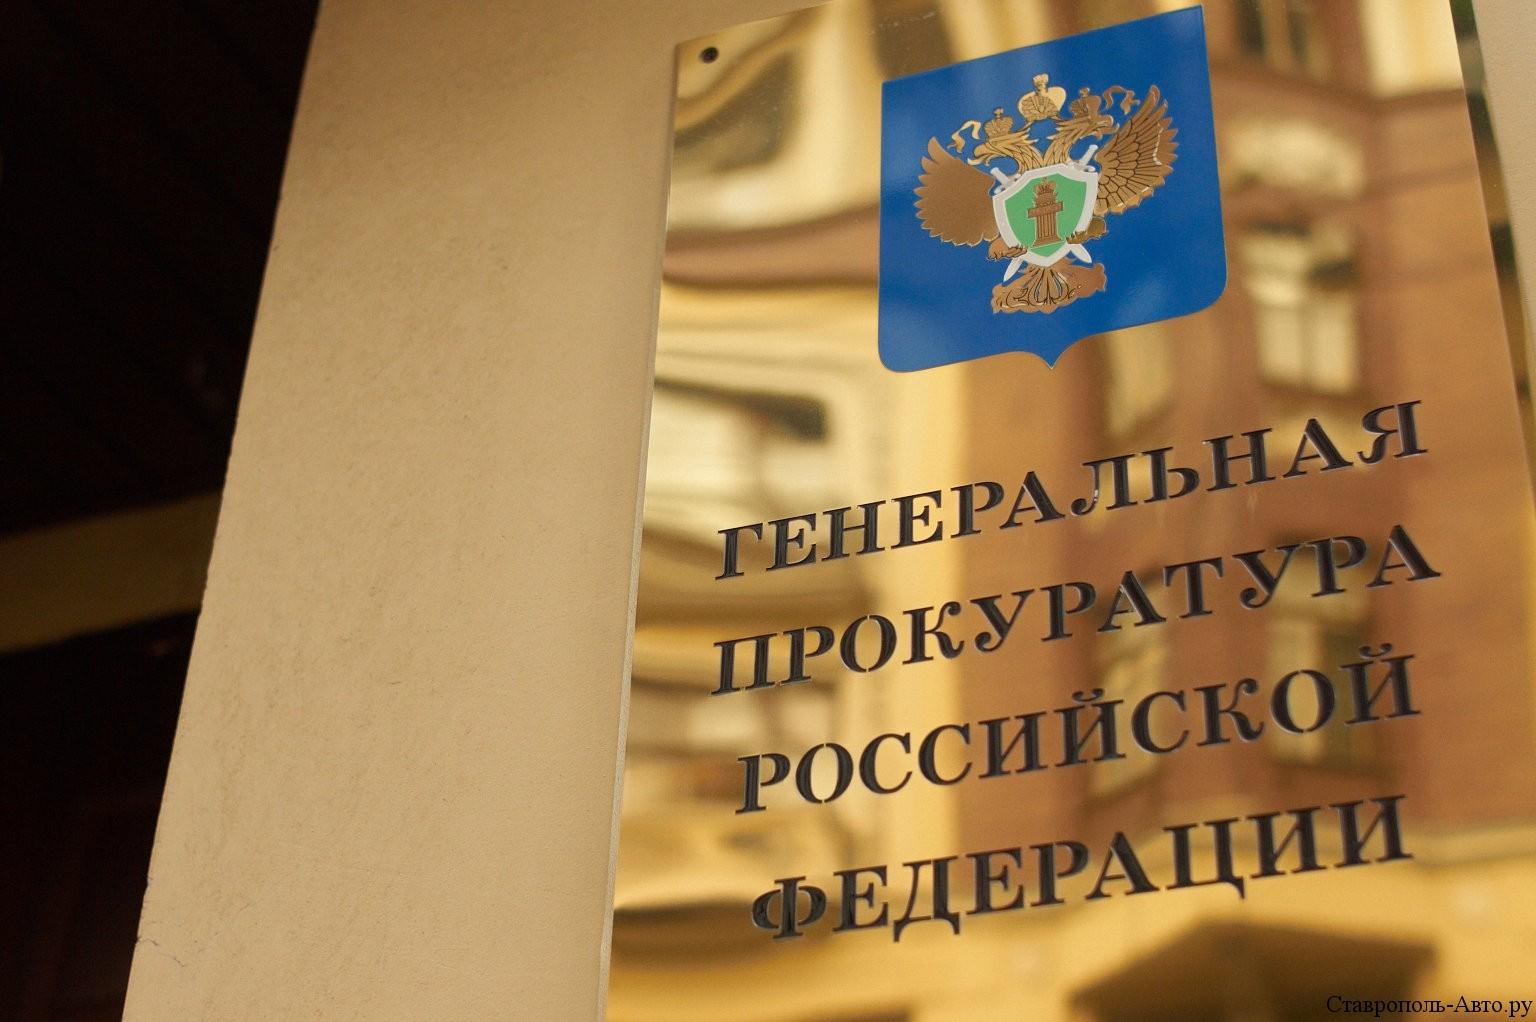 Главу управделами Генпрокуратуры РФ обвинили в хранении оружия